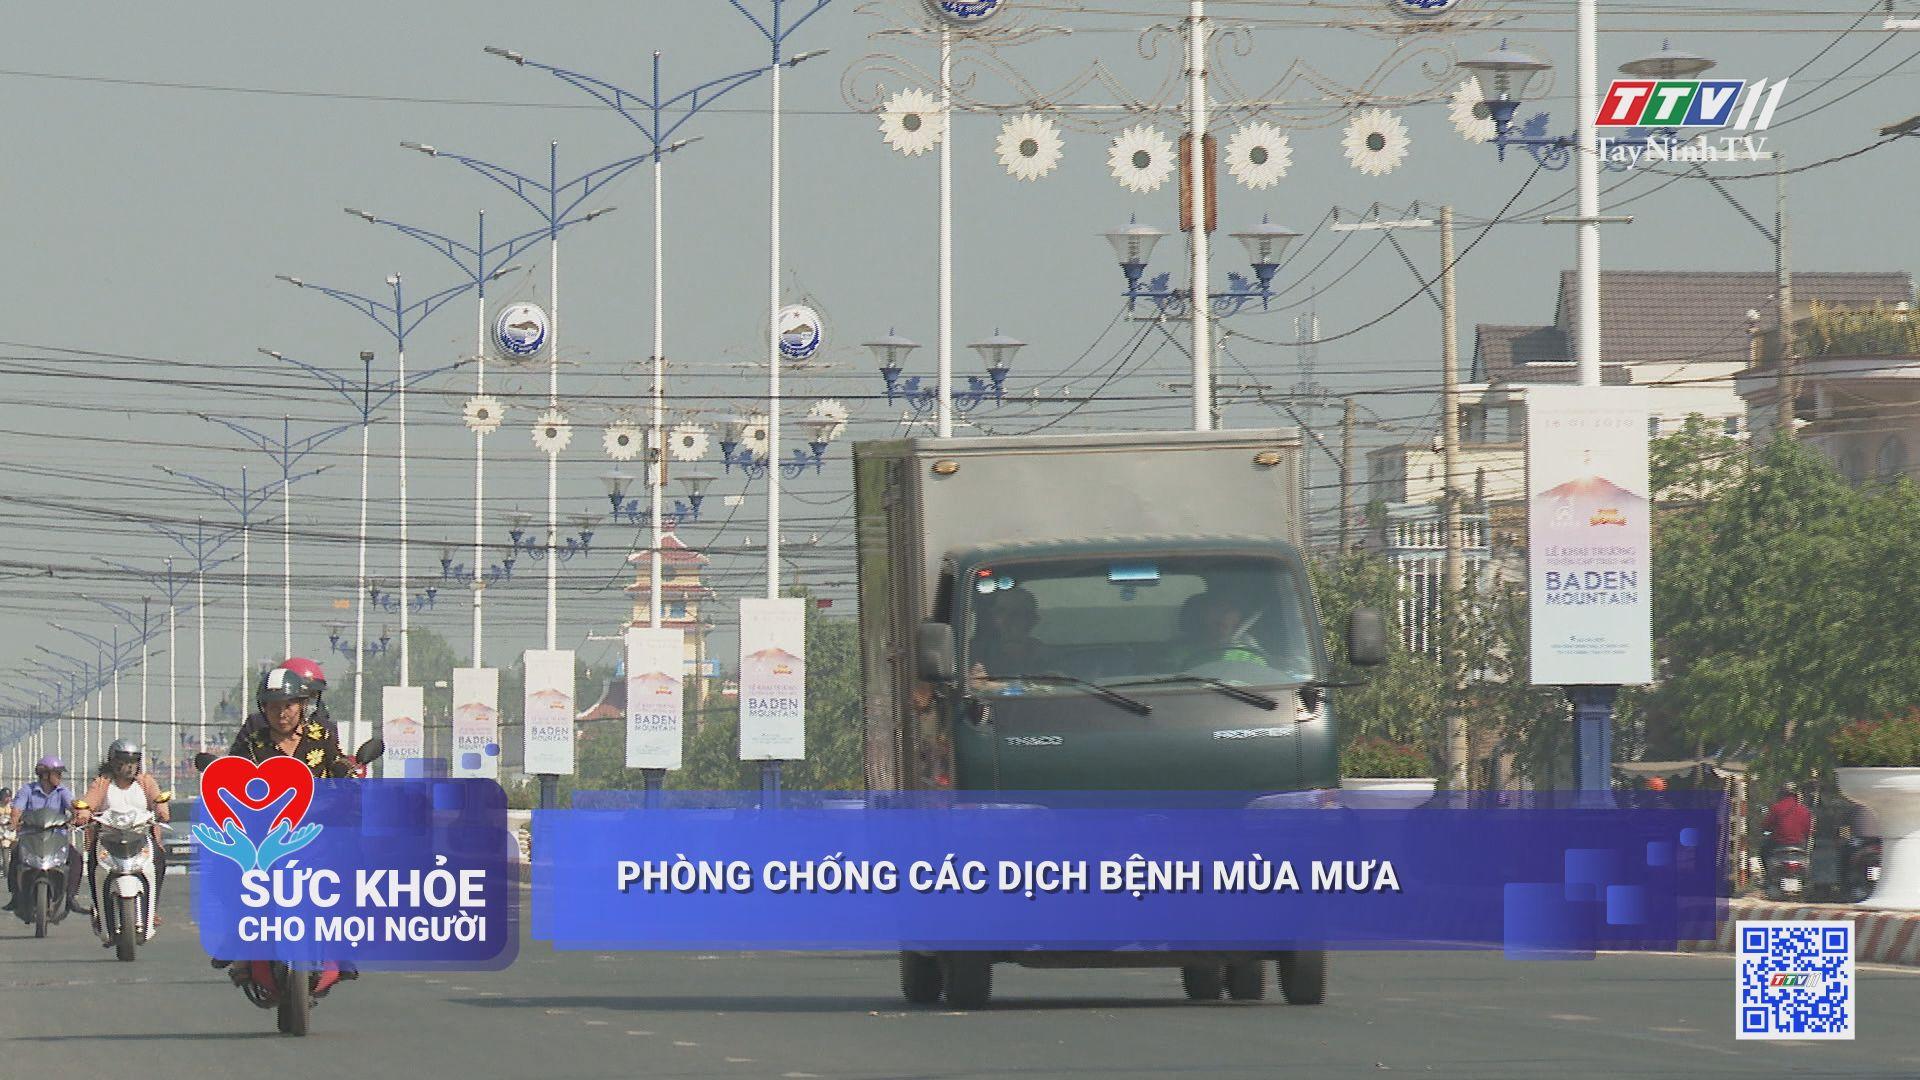 Phòng chống các dịch bệnh mùa mưa | SỨC KHỎE CHO MỌI NGƯỜI | TayNinhTV